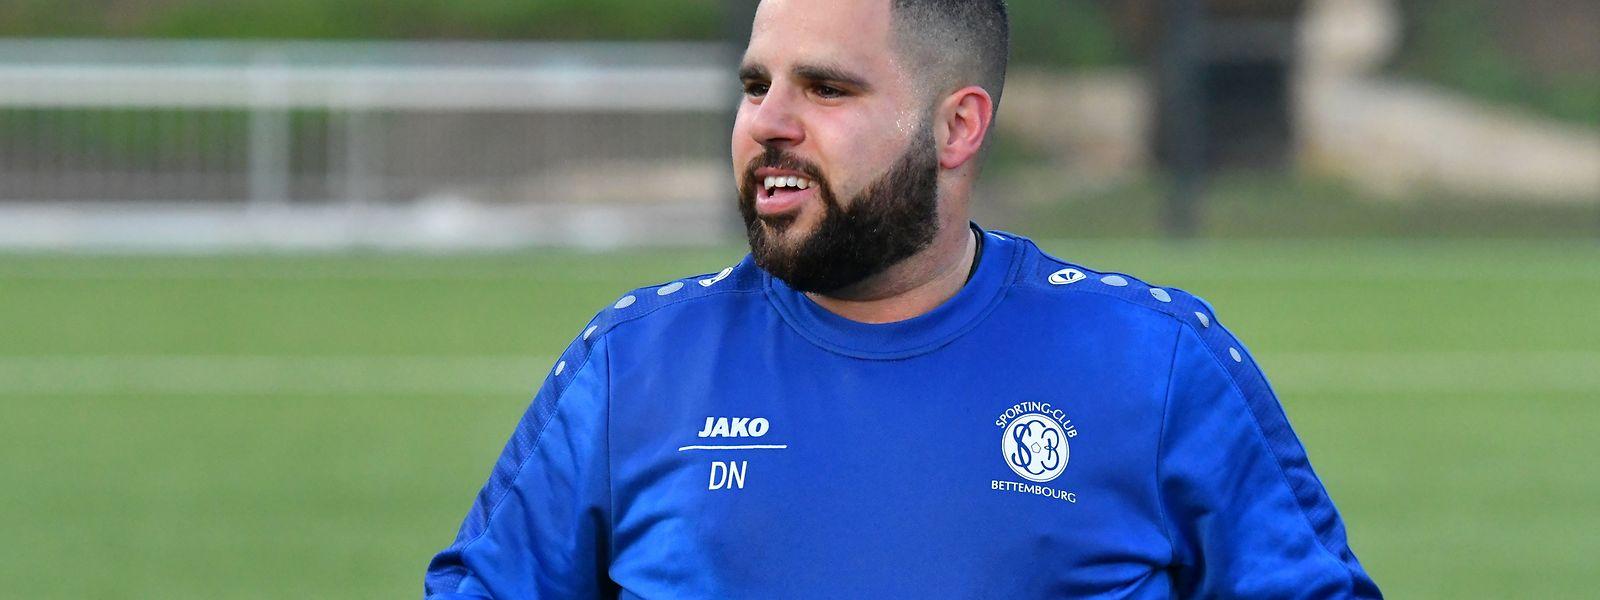 Daniel Nunes, treinador do SC Bettembourg, conseguiu o seu segundo título nacional.